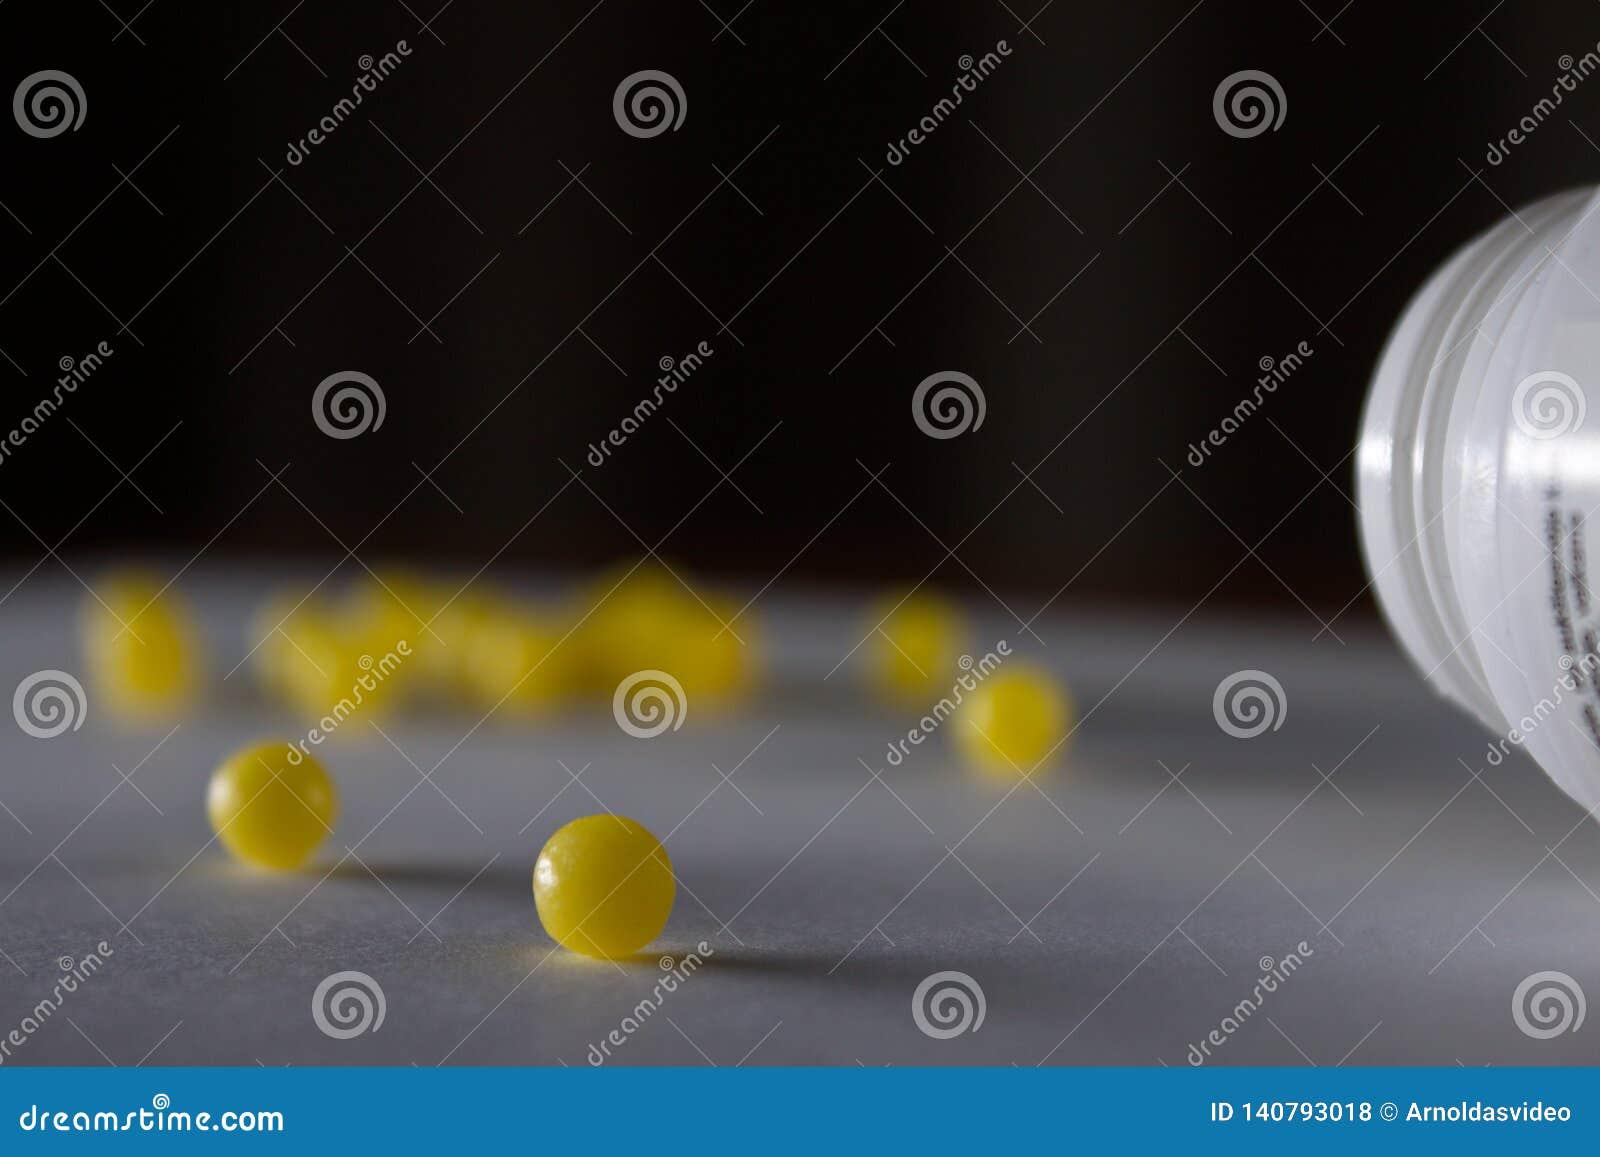 Cierre suave del foco para arriba tirado de una sola píldora amarilla mientras que muchos otros se empañan en el fondo